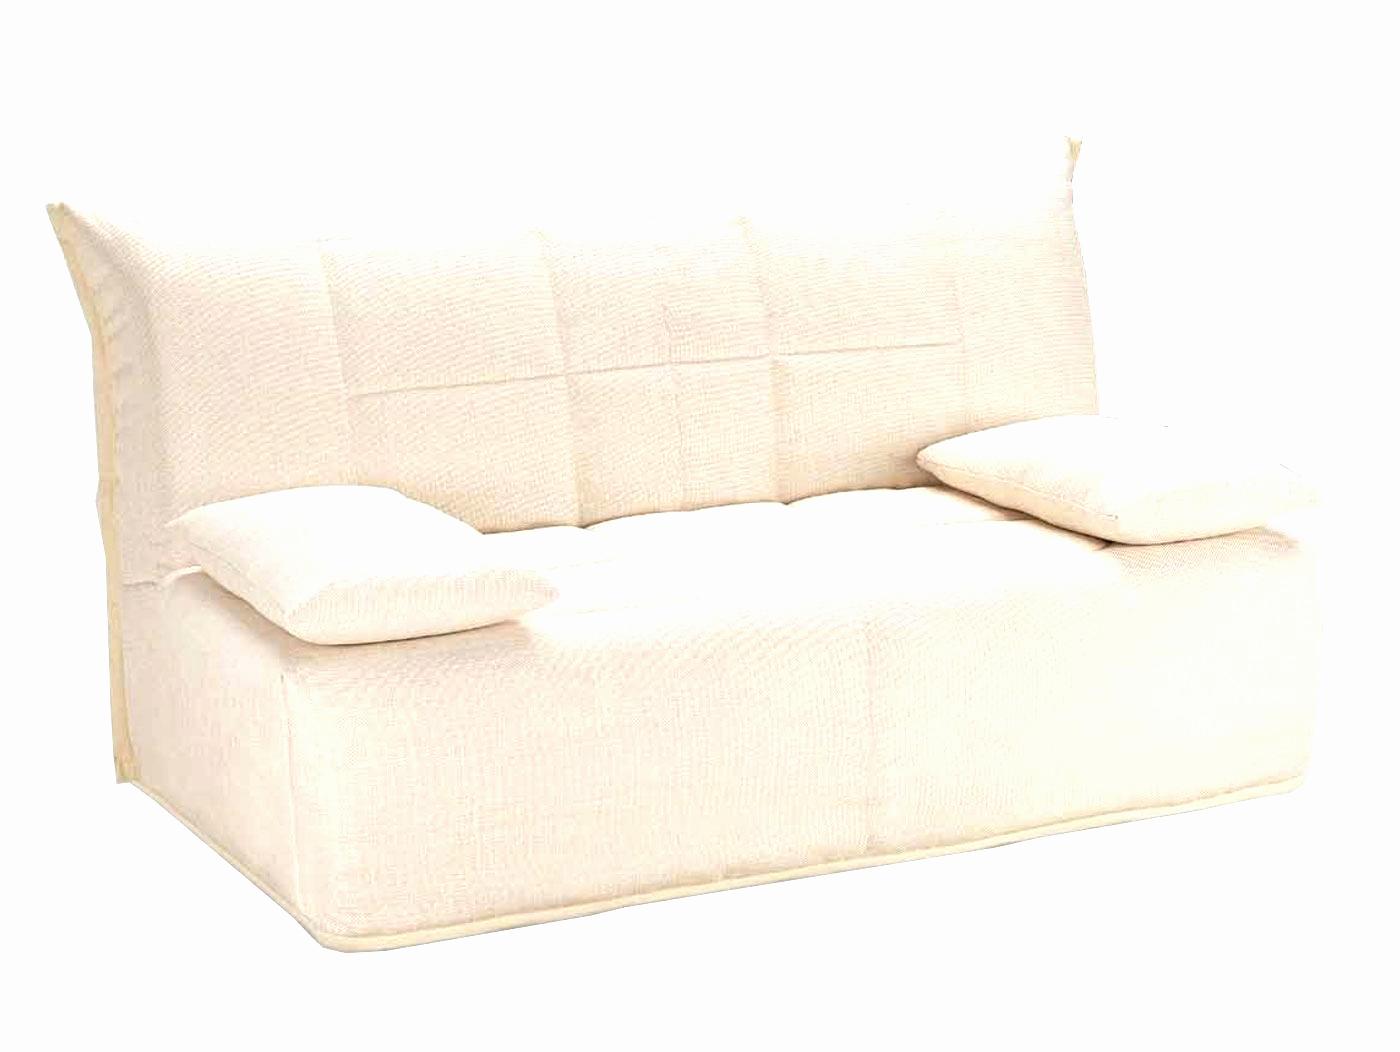 Canape Tissu Ikea Beau Image Canape Convertible Bz Génial Banquette 1 Place Inspirant Bz 2 Places